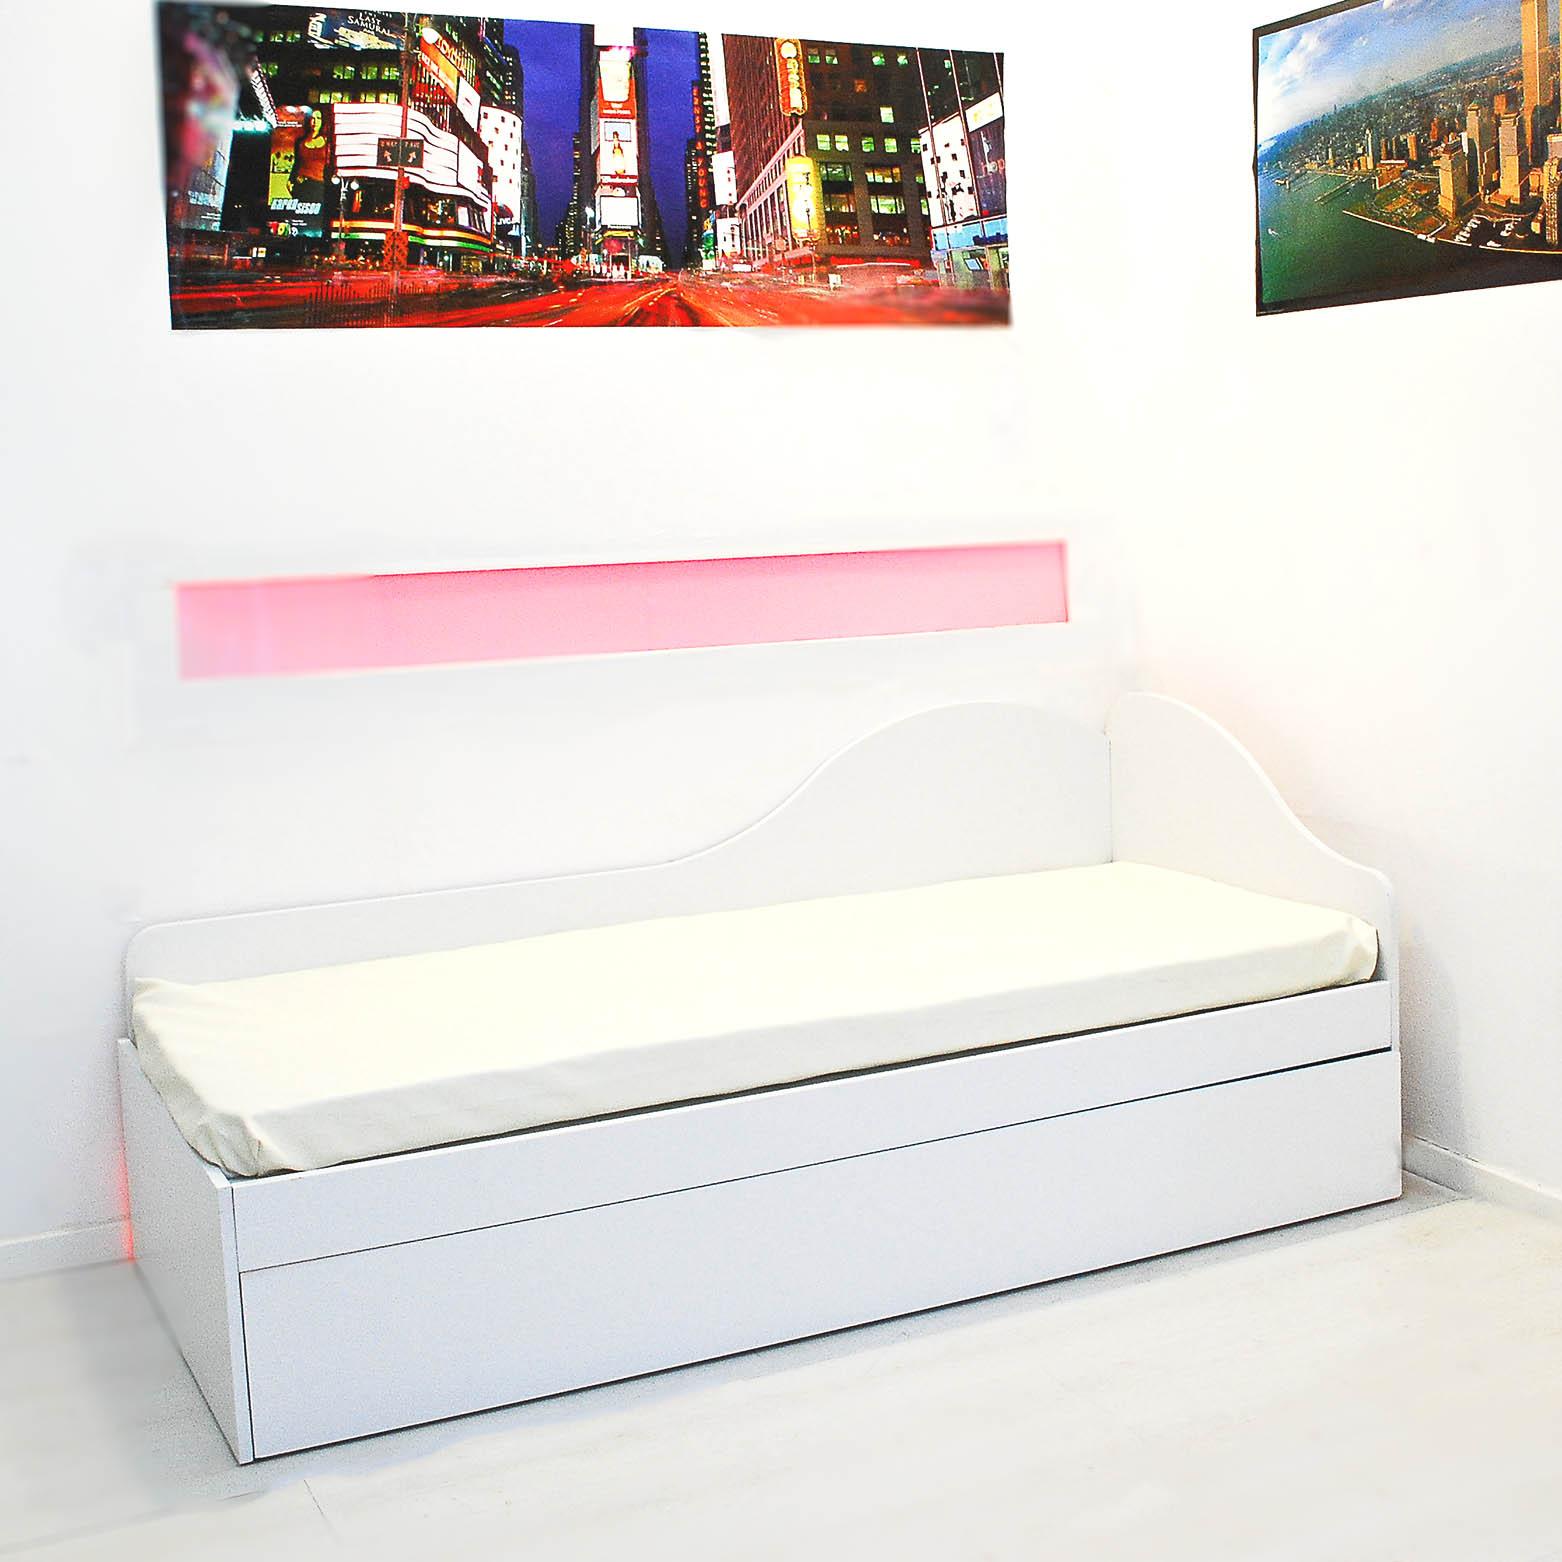 """Divano letto estraibile matrimoniale """"Dormeuse bed"""""""